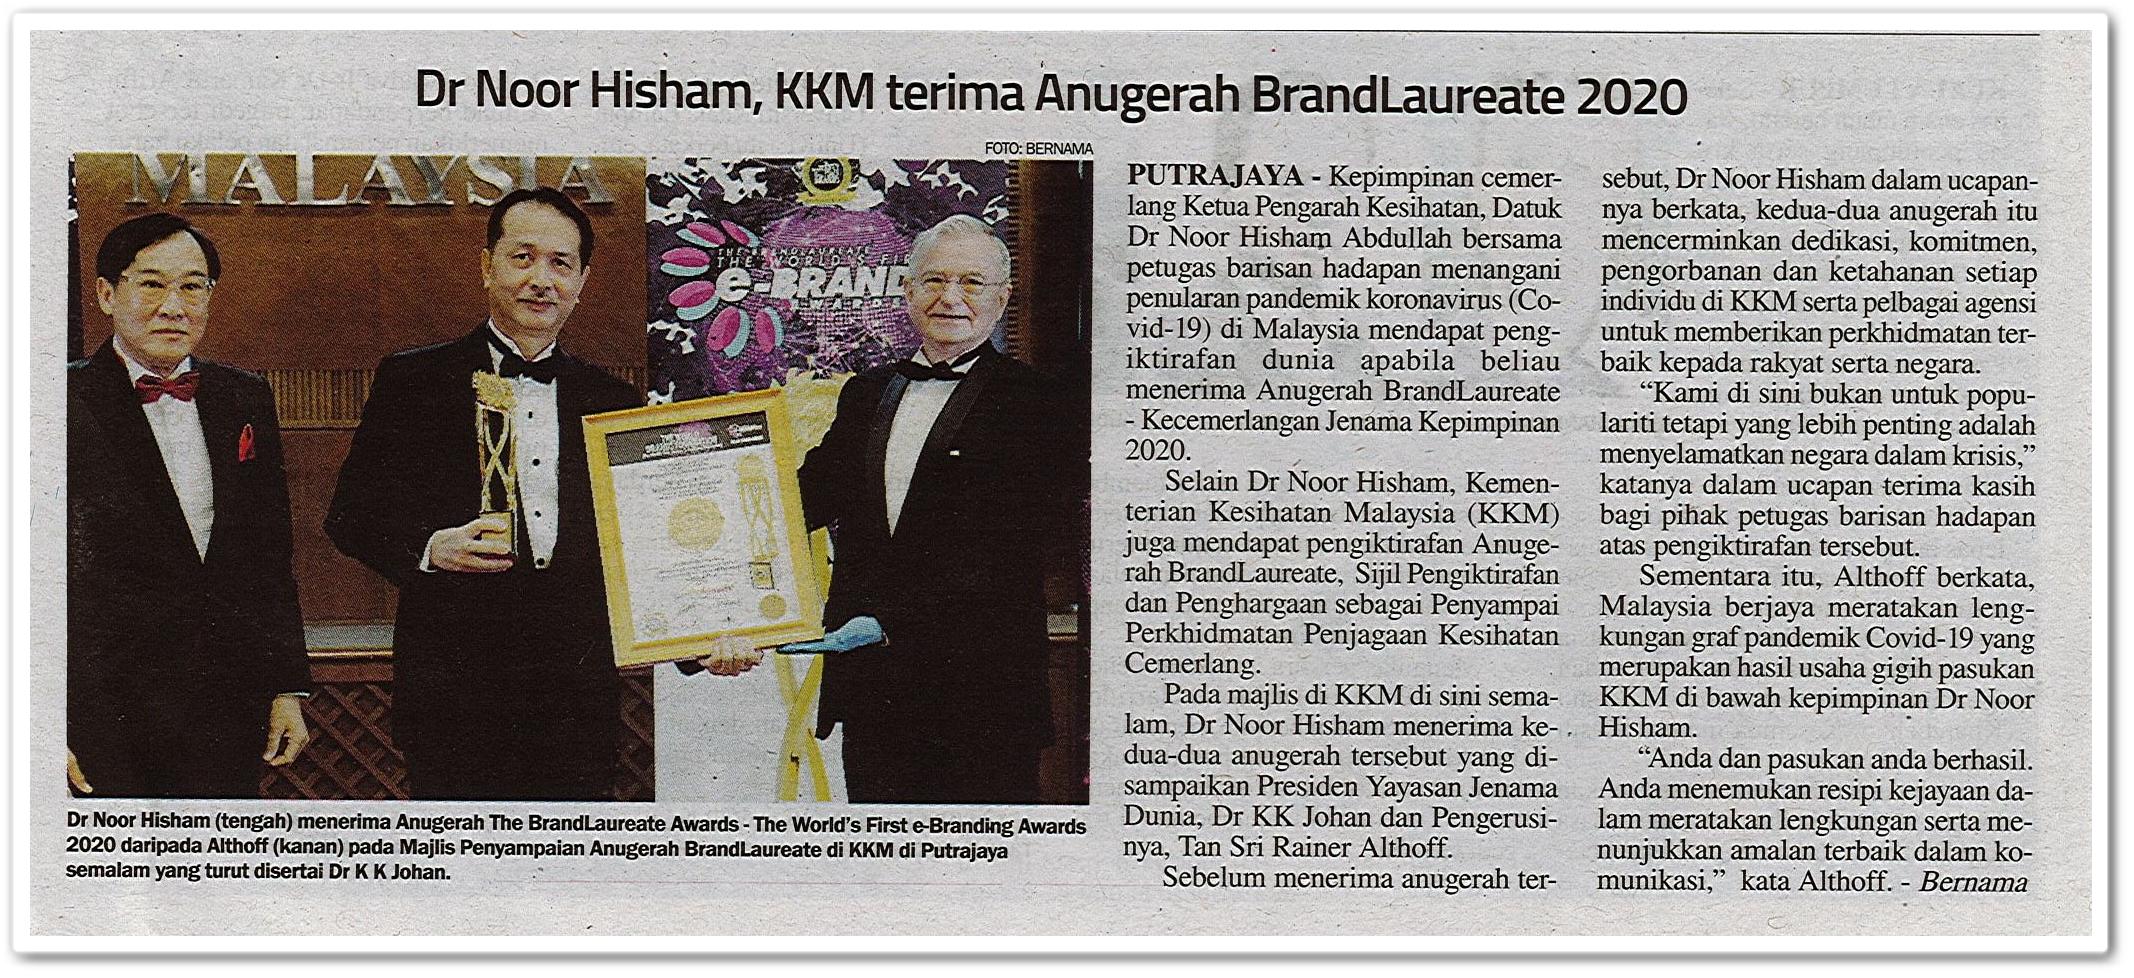 Dr Noor Hisham, KKM terima Anugerah BrandLaureate 2020 - Keratan akhbar Sinar Harian 18 Julai 2020